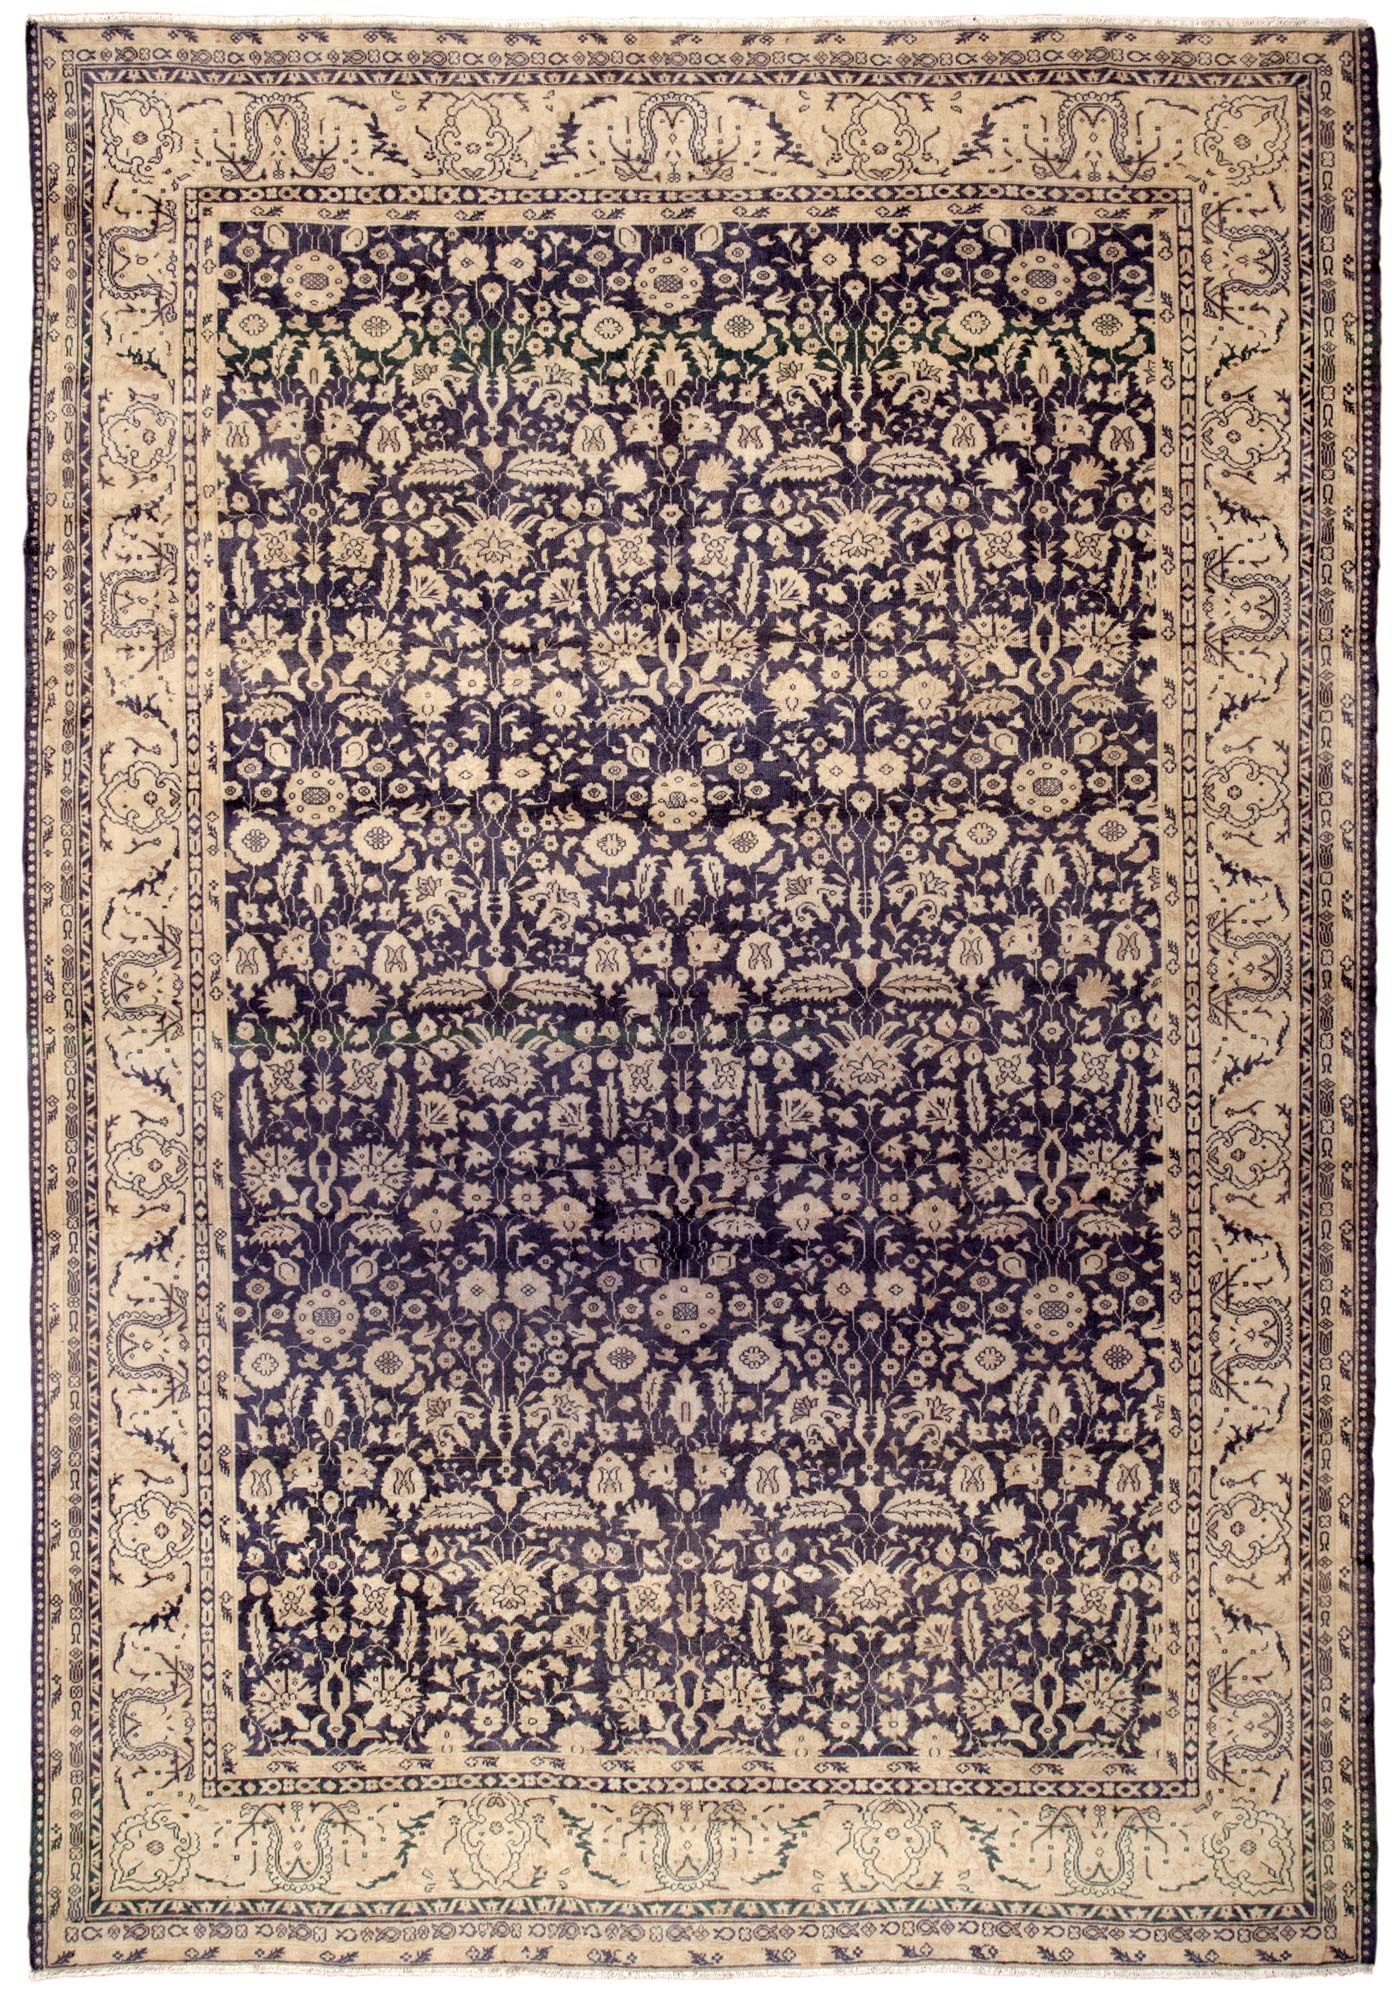 Antique Turkish Rug Antique Persian Carpet By Nazmiyal